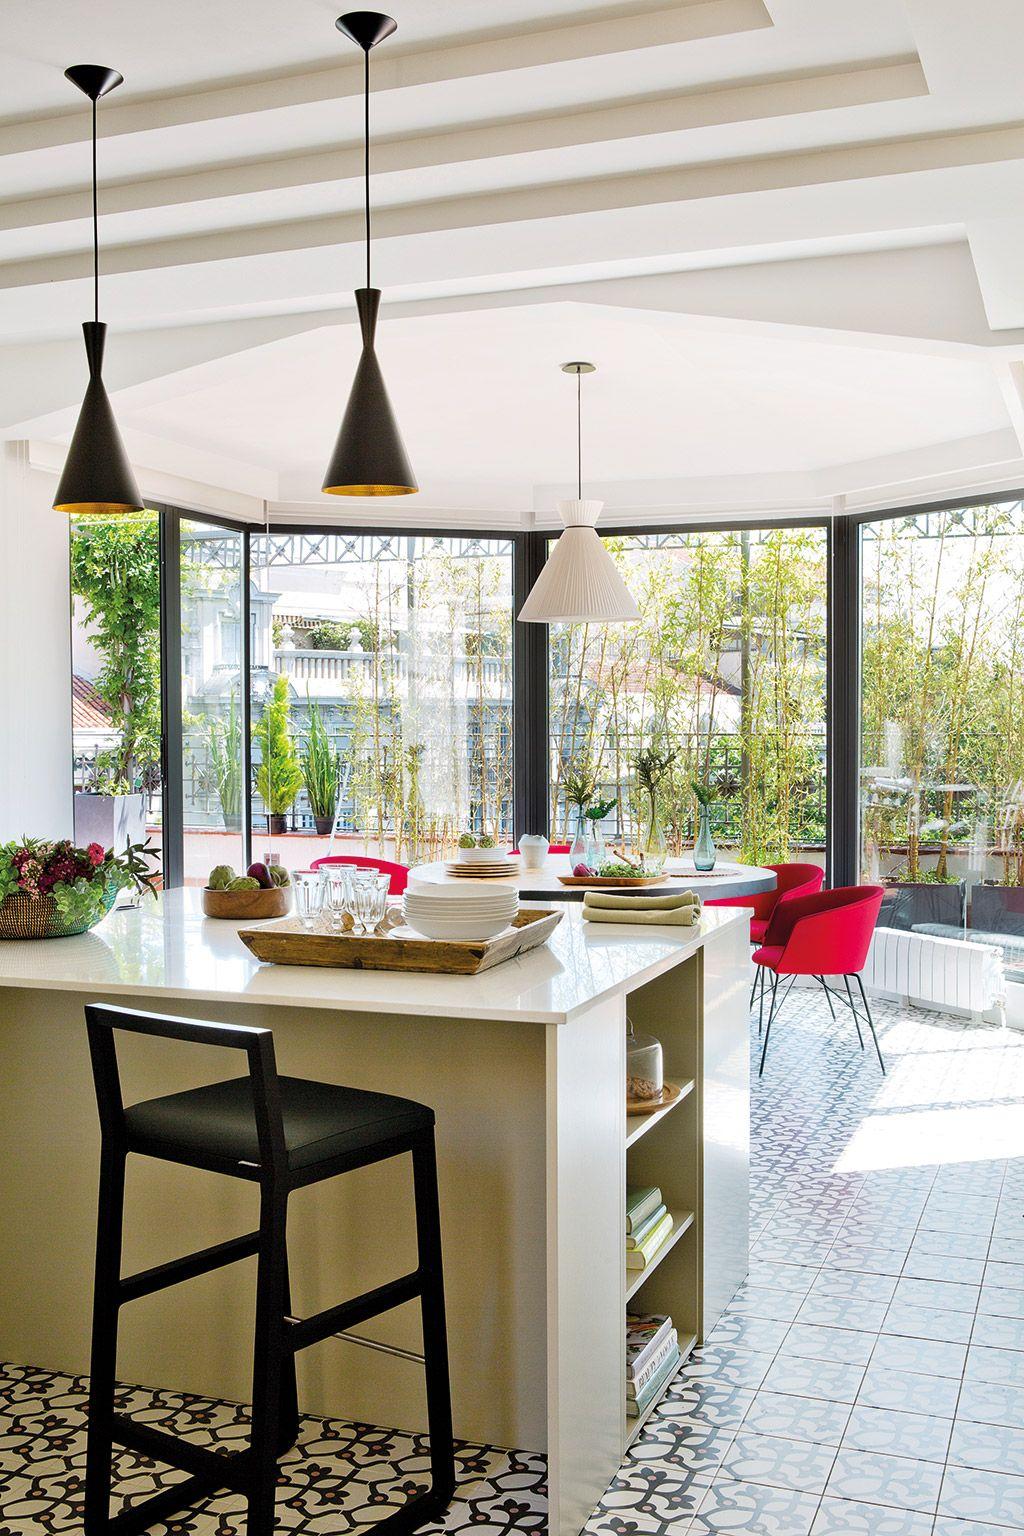 Viviendas inteligentes = casas más sanas